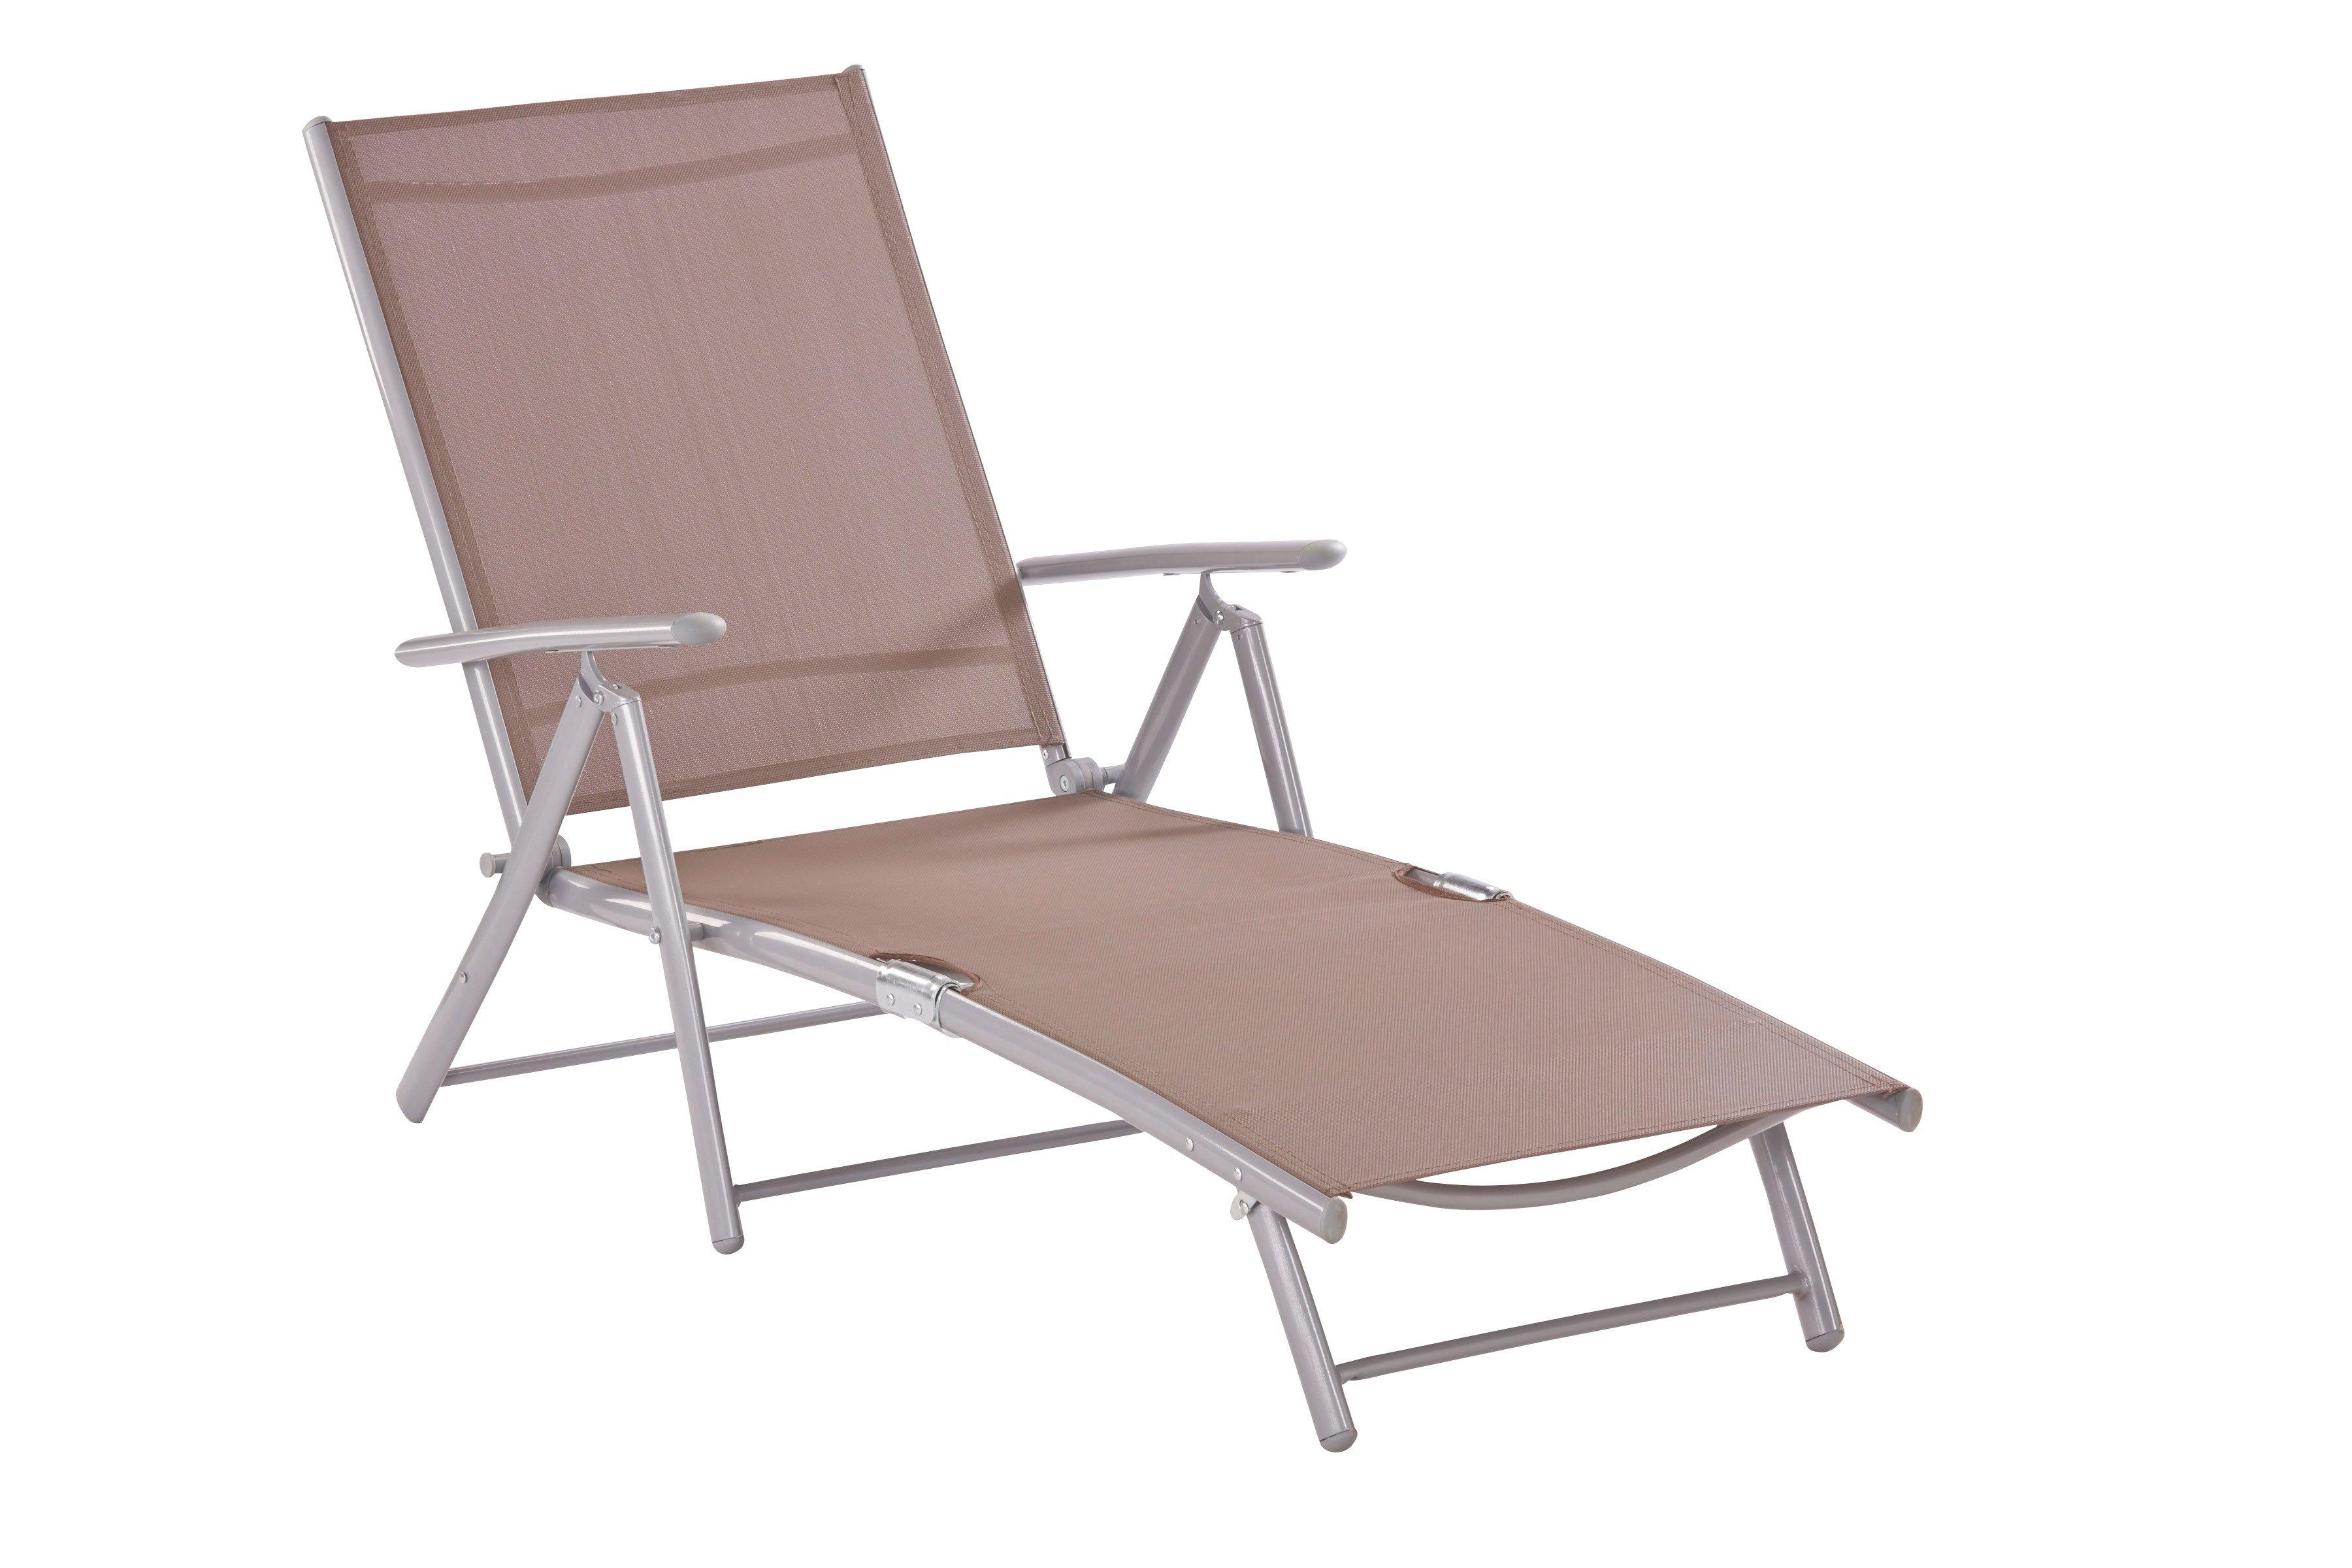 MERXX Ligstoel Aluminium/textiel, inklapbaar bij OTTO online kopen